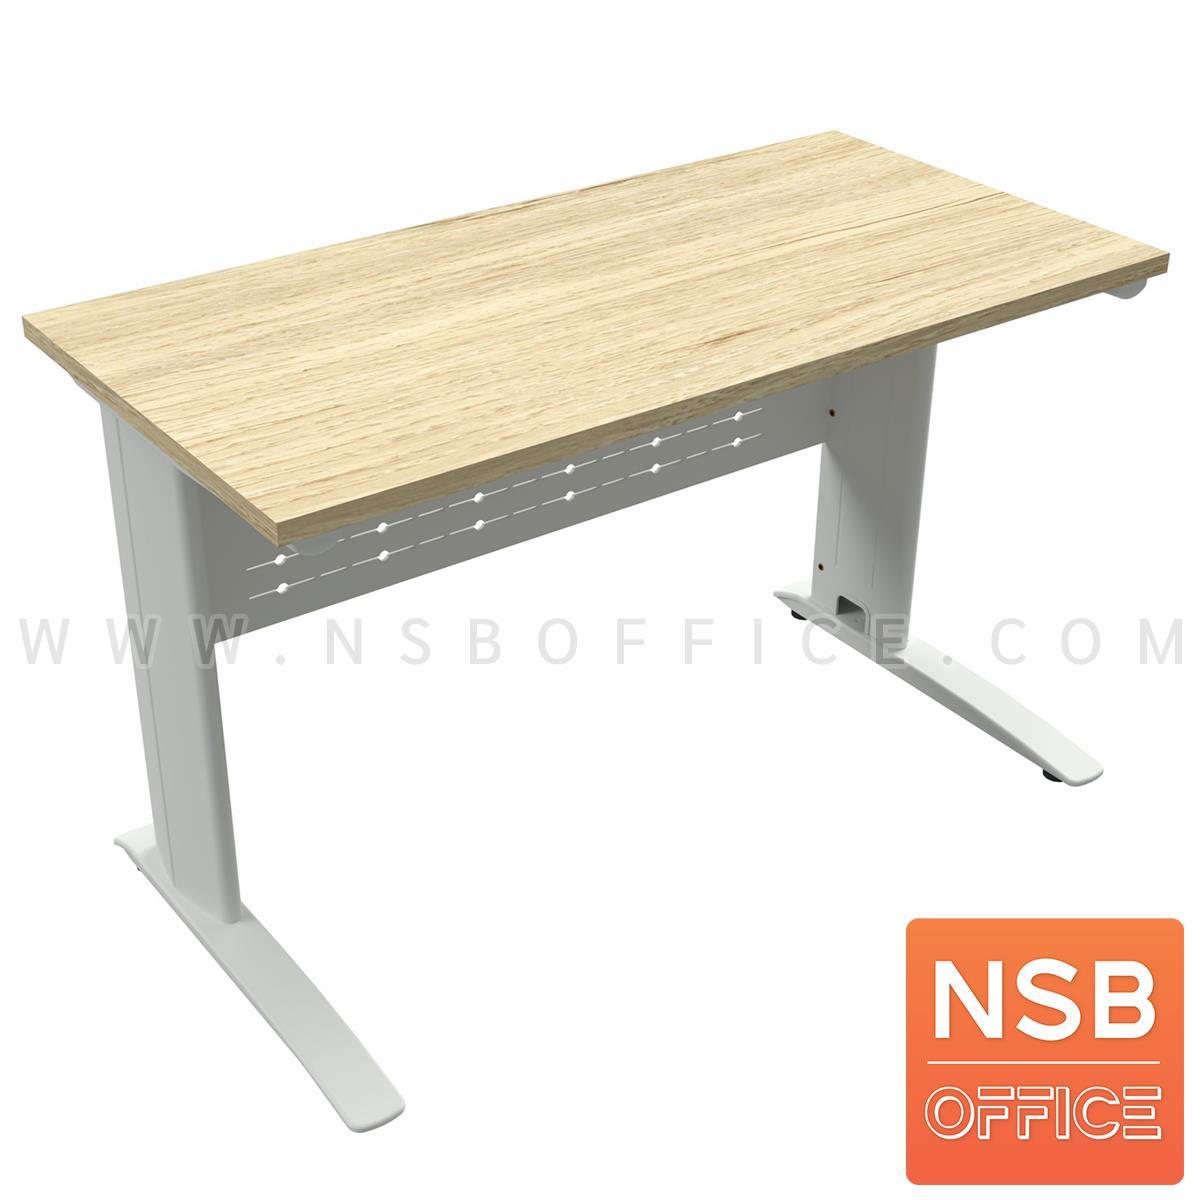 A10A105:โต๊ะทำงาน รุ่น Westcon (เวสต์คอน) ขนาด 120W, 150W, 180*60D cm. บังโป๊เหล็ก ขาเหล็กตัวแอลพ่นสี